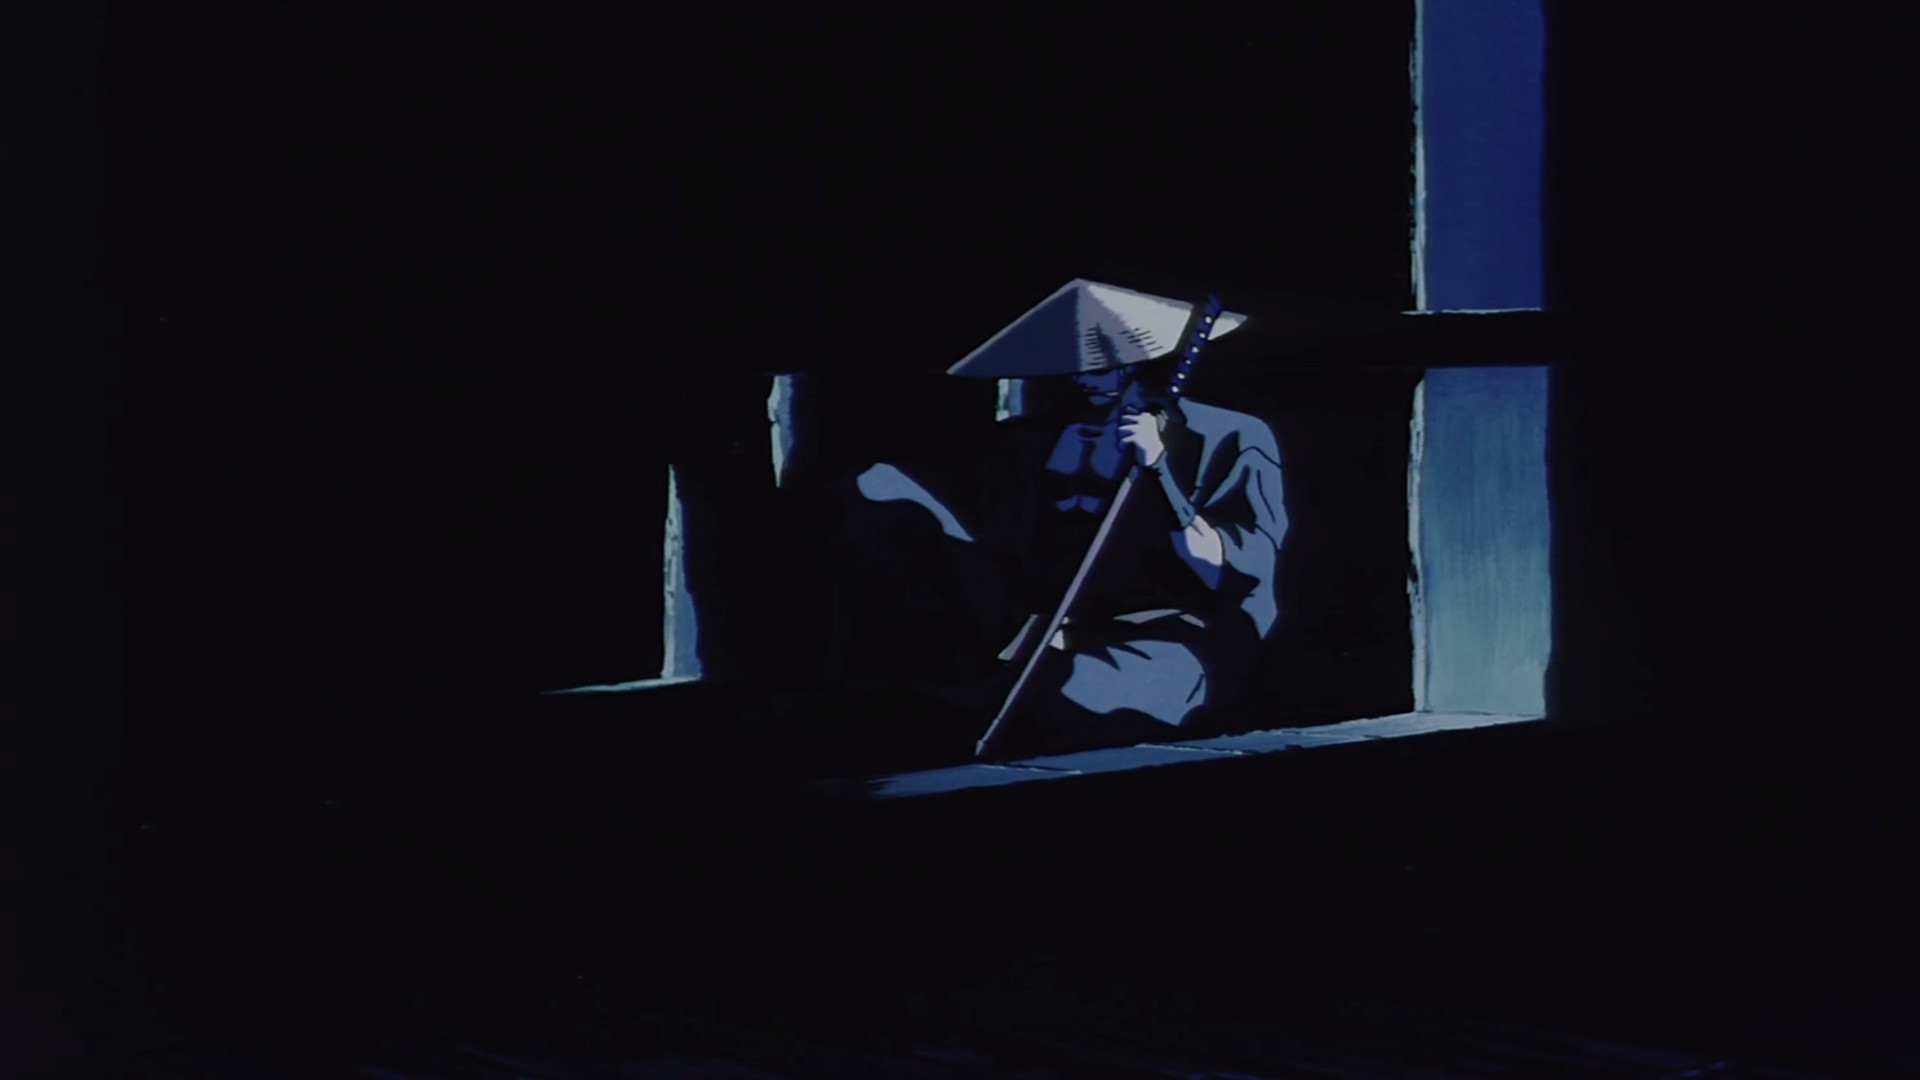 Res: 1920x1080, Jubei Kibagami from Ninja Scroll [1920 x 1080] ...